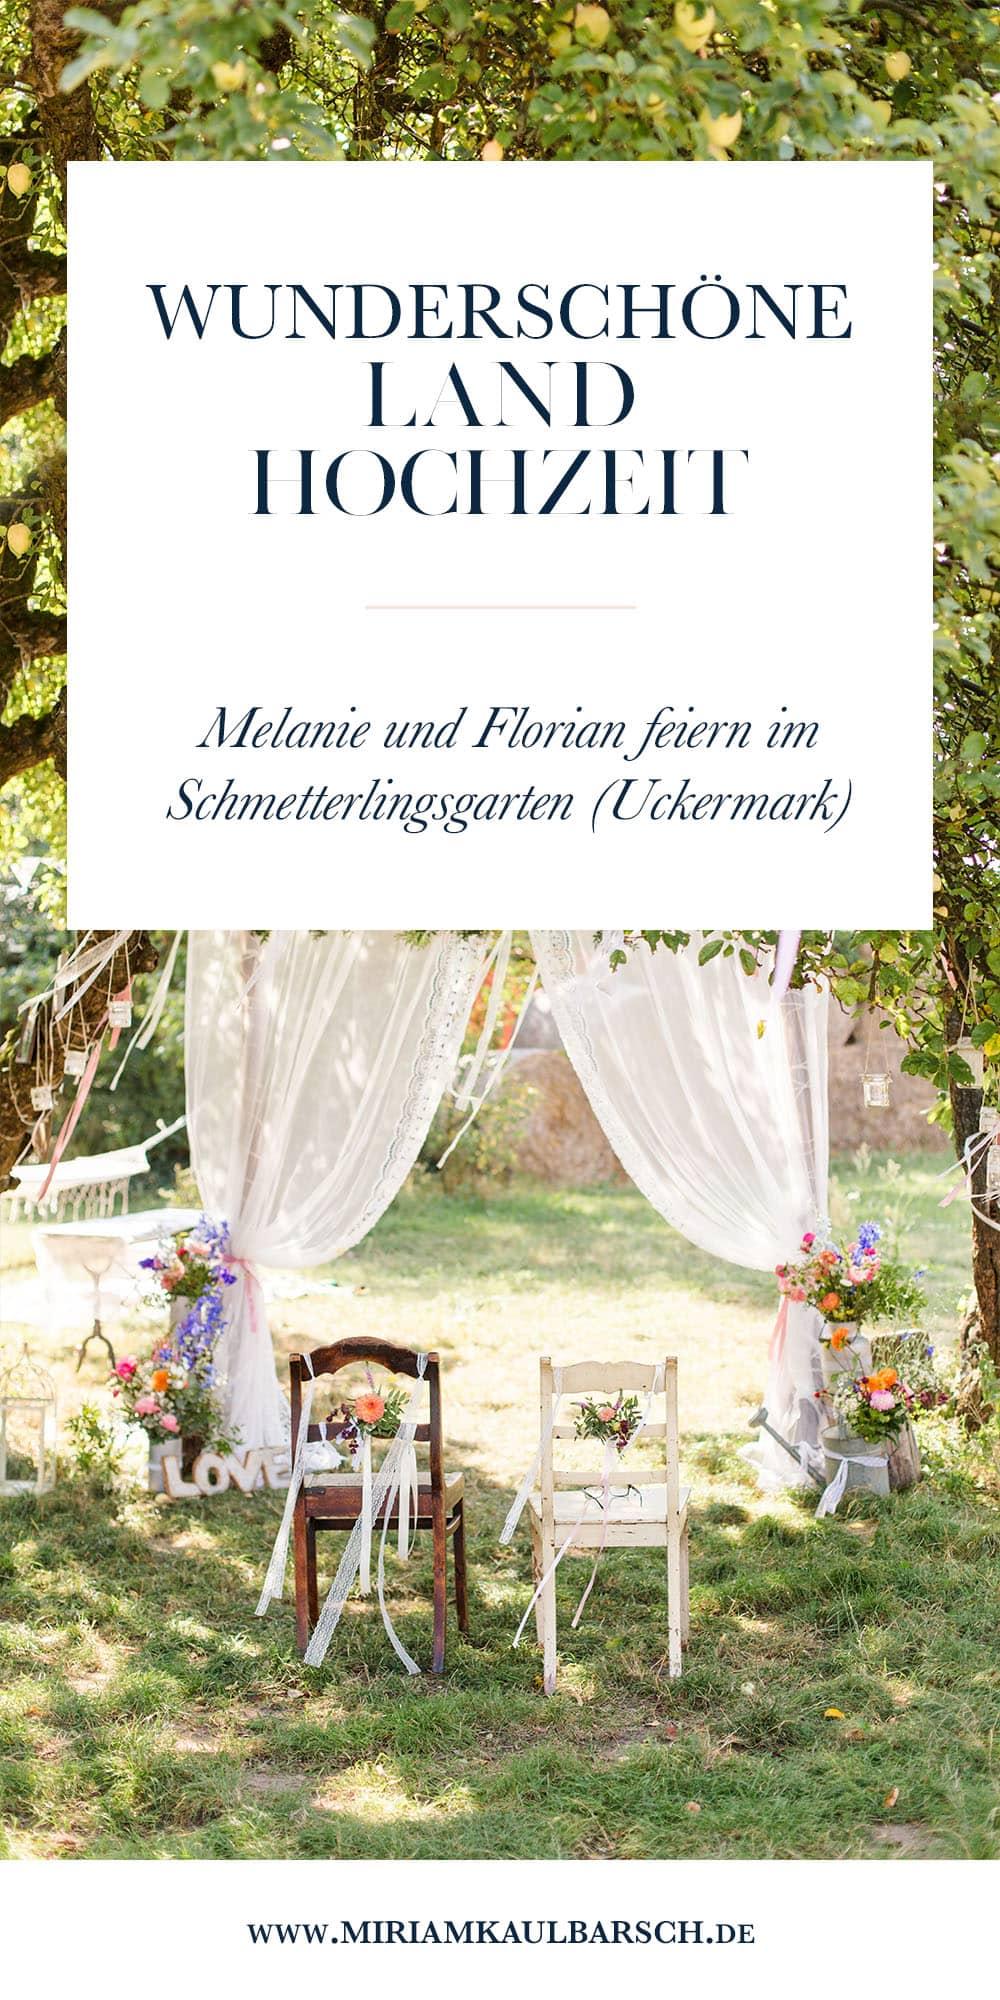 Wunderschöne Landhochzeit im Schmetterlingsgarten (Uckermark)